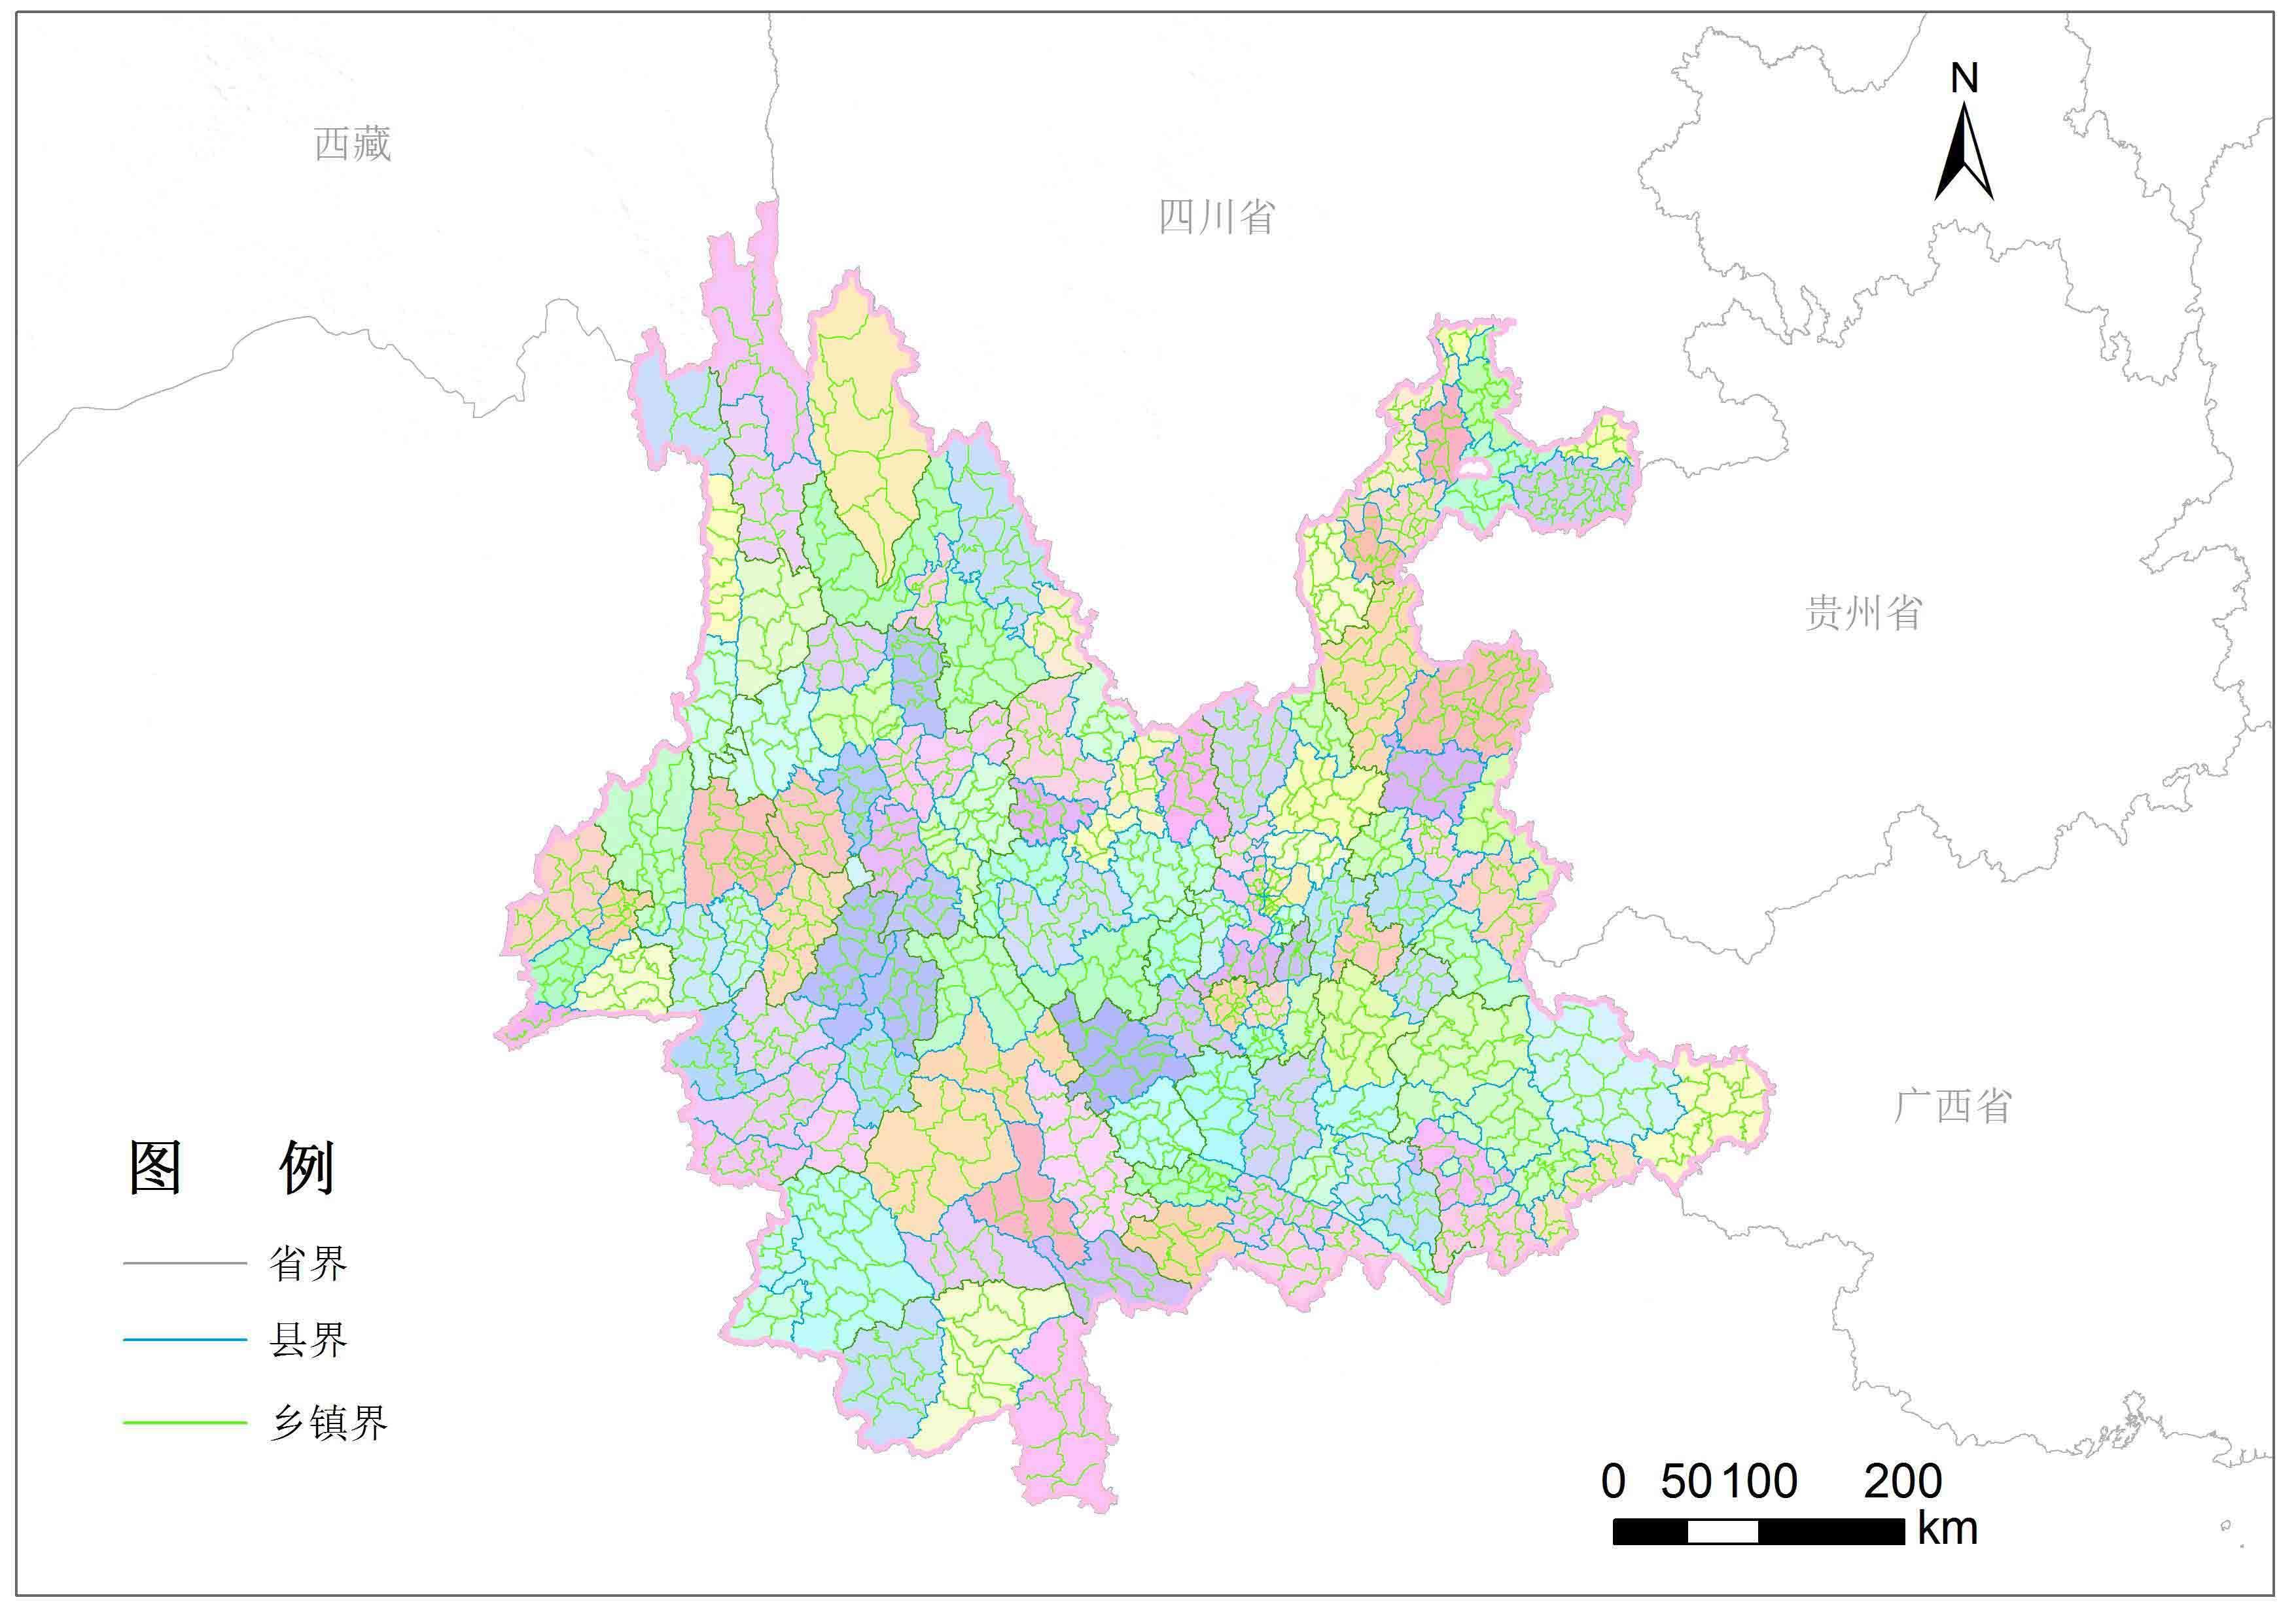 云南省乡镇行政区划-地图数据-地理国情监测云平台